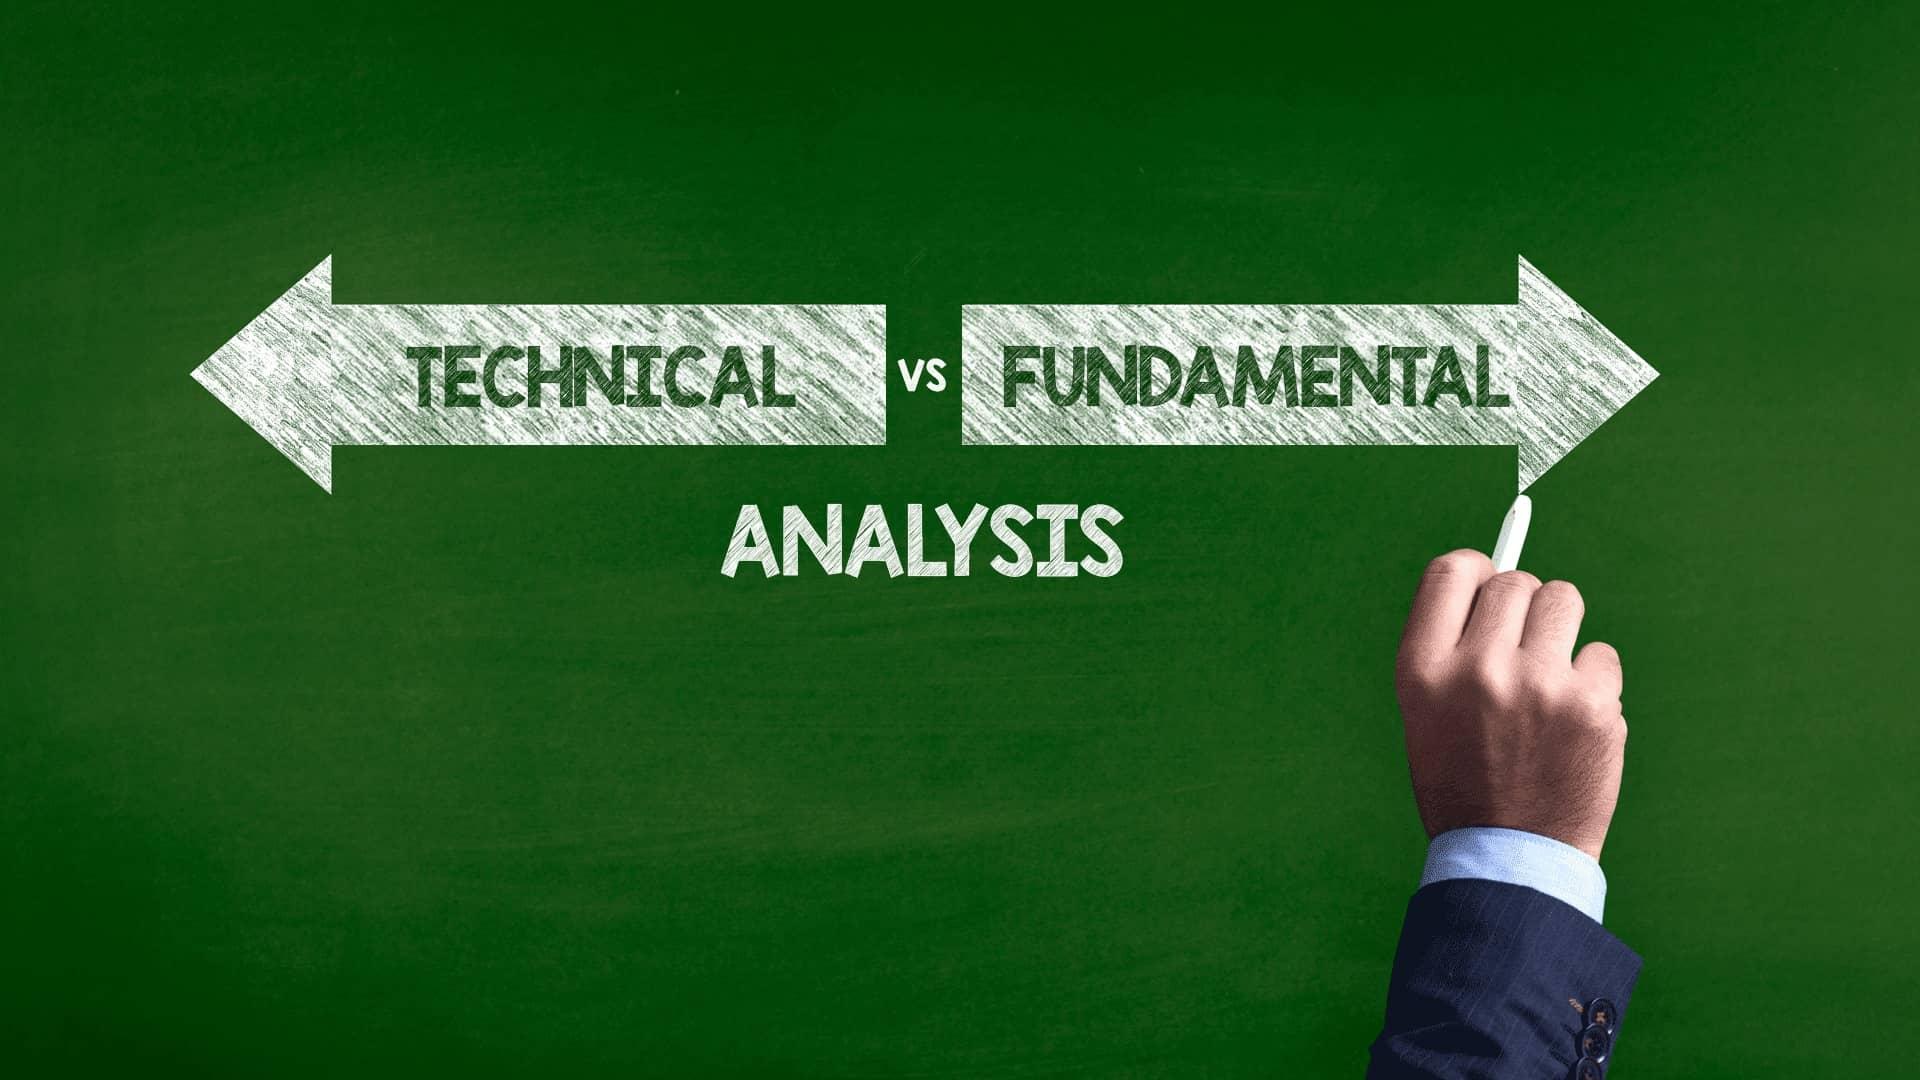 تحلیل تکنیکال در برابر تحلیل فاندامنتال